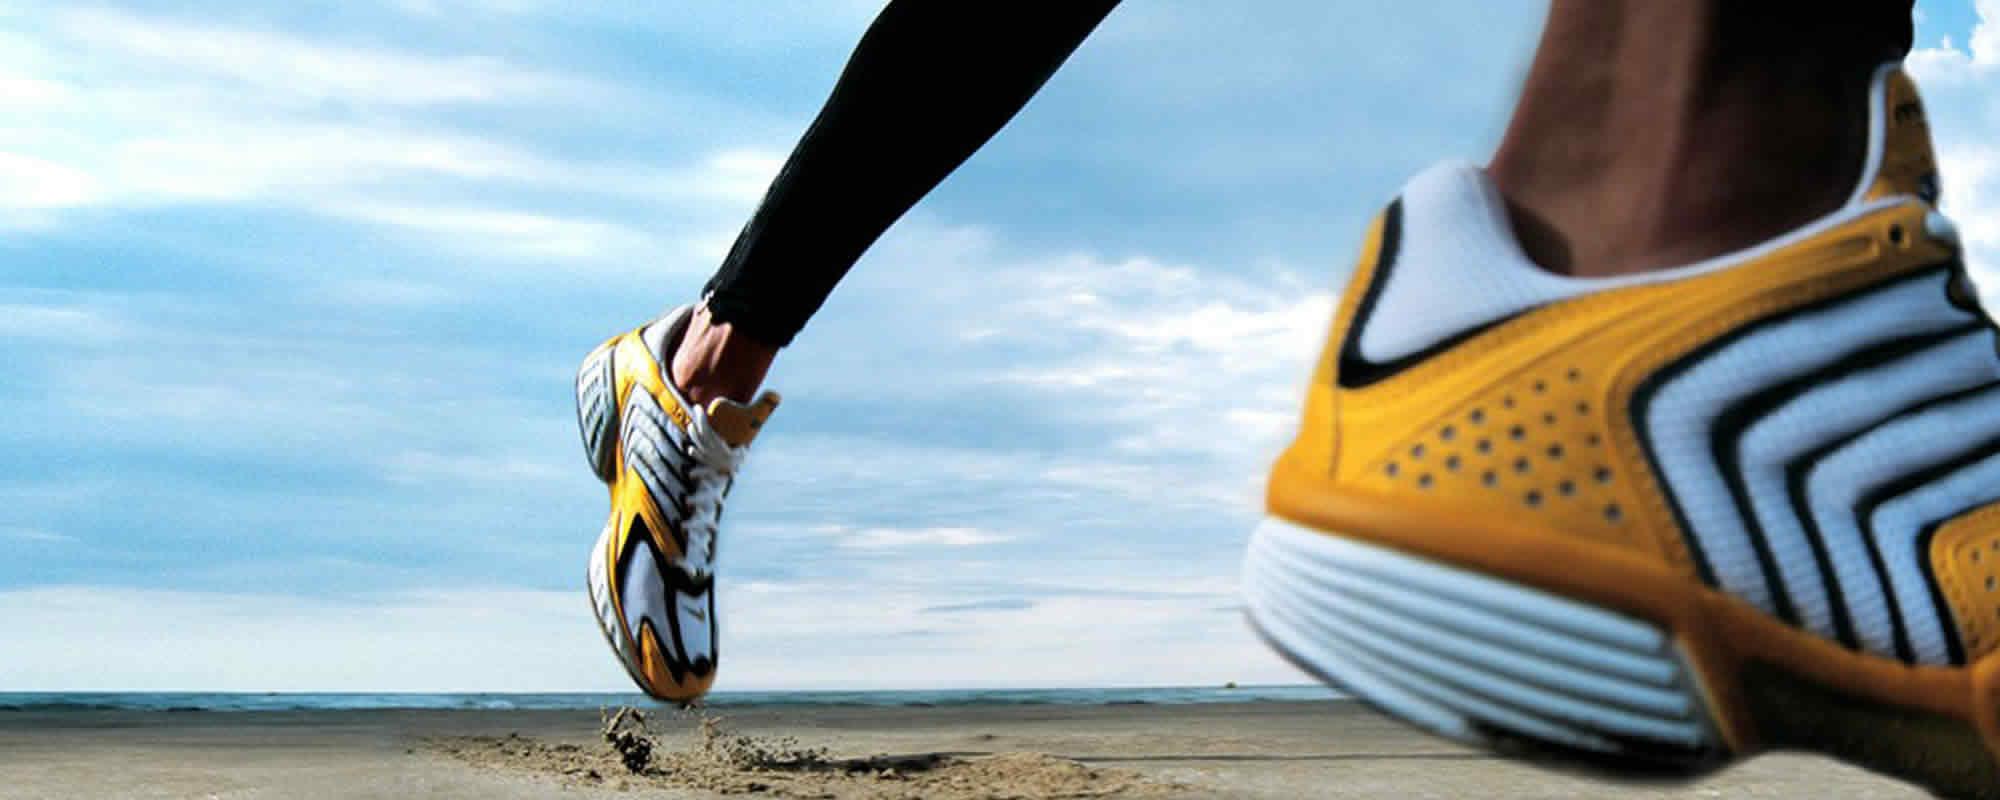 Evite <span>lesões</span> nas <span>corridas e esportes</span>